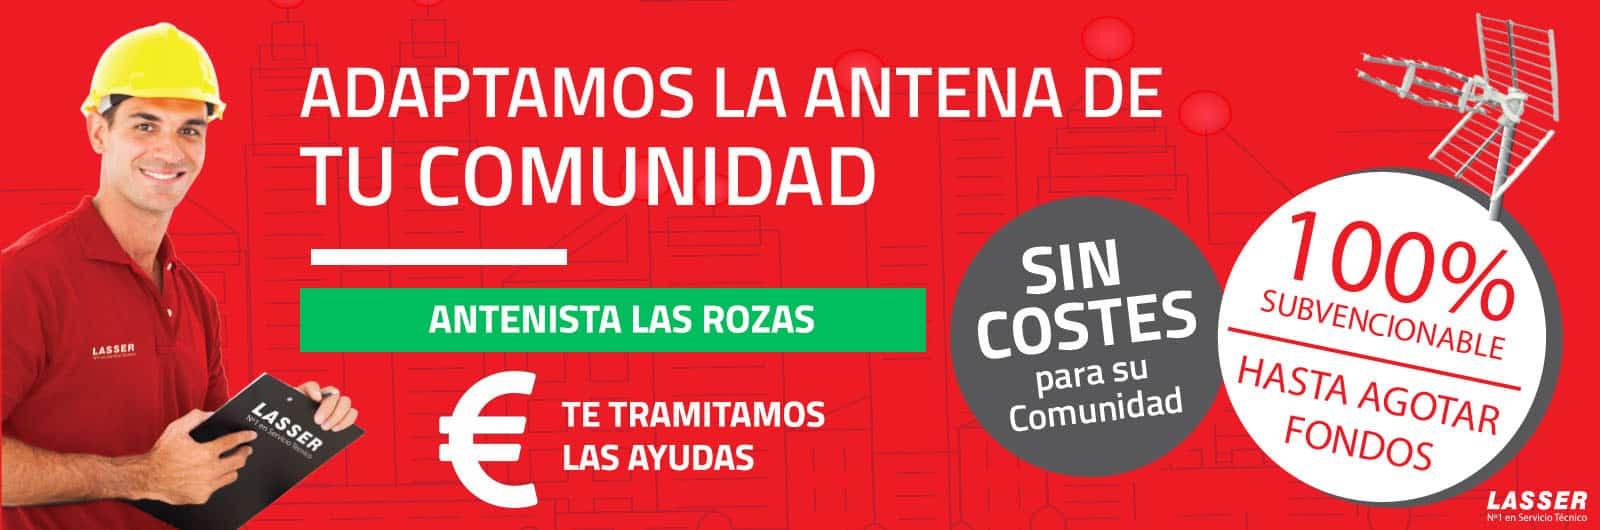 segundo-dividendo-digital-antena-comunidades-promocion-las-rozas